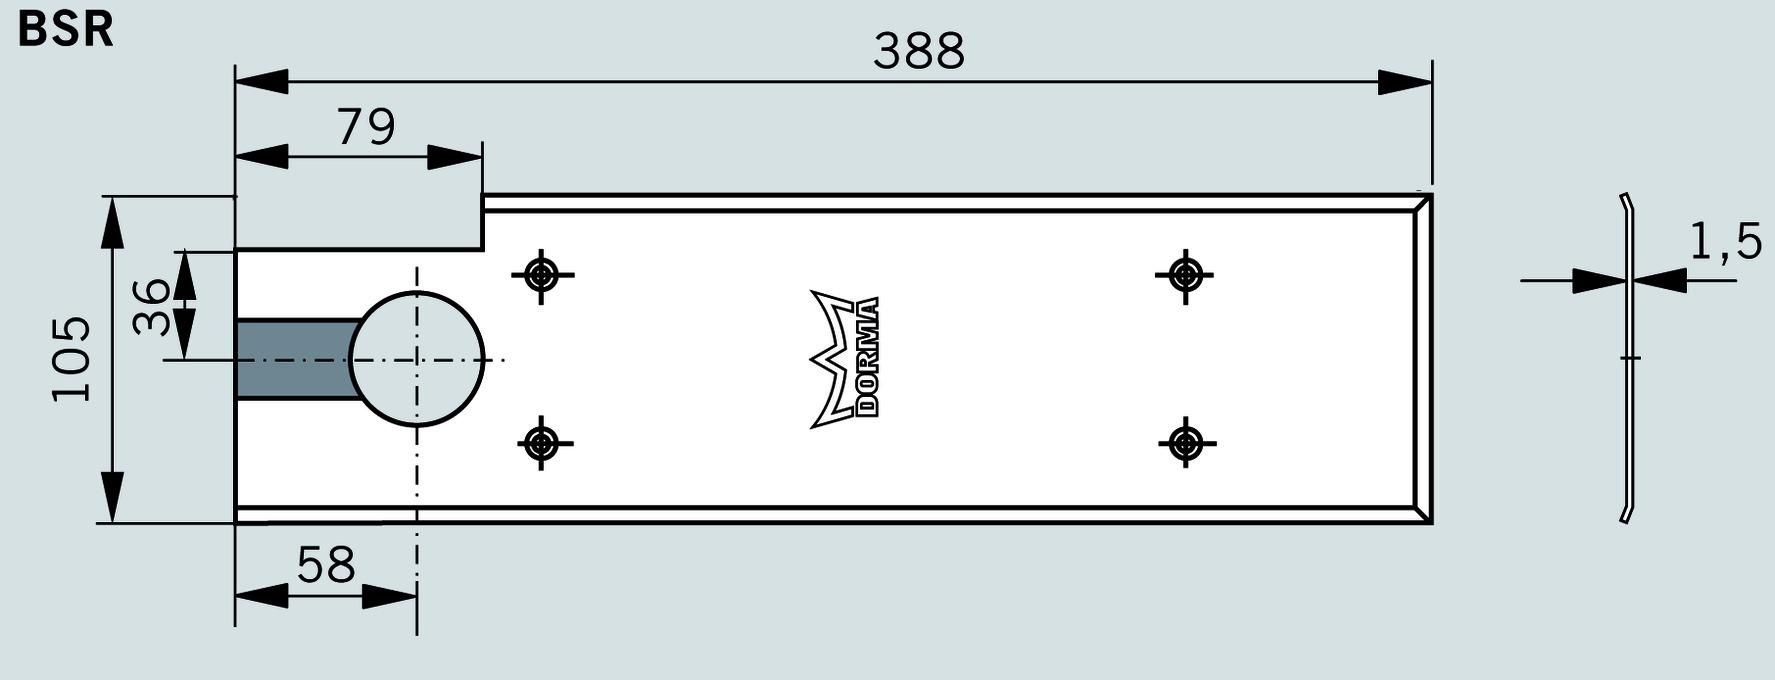 Plaques de recouvrement pour DORMA BSR